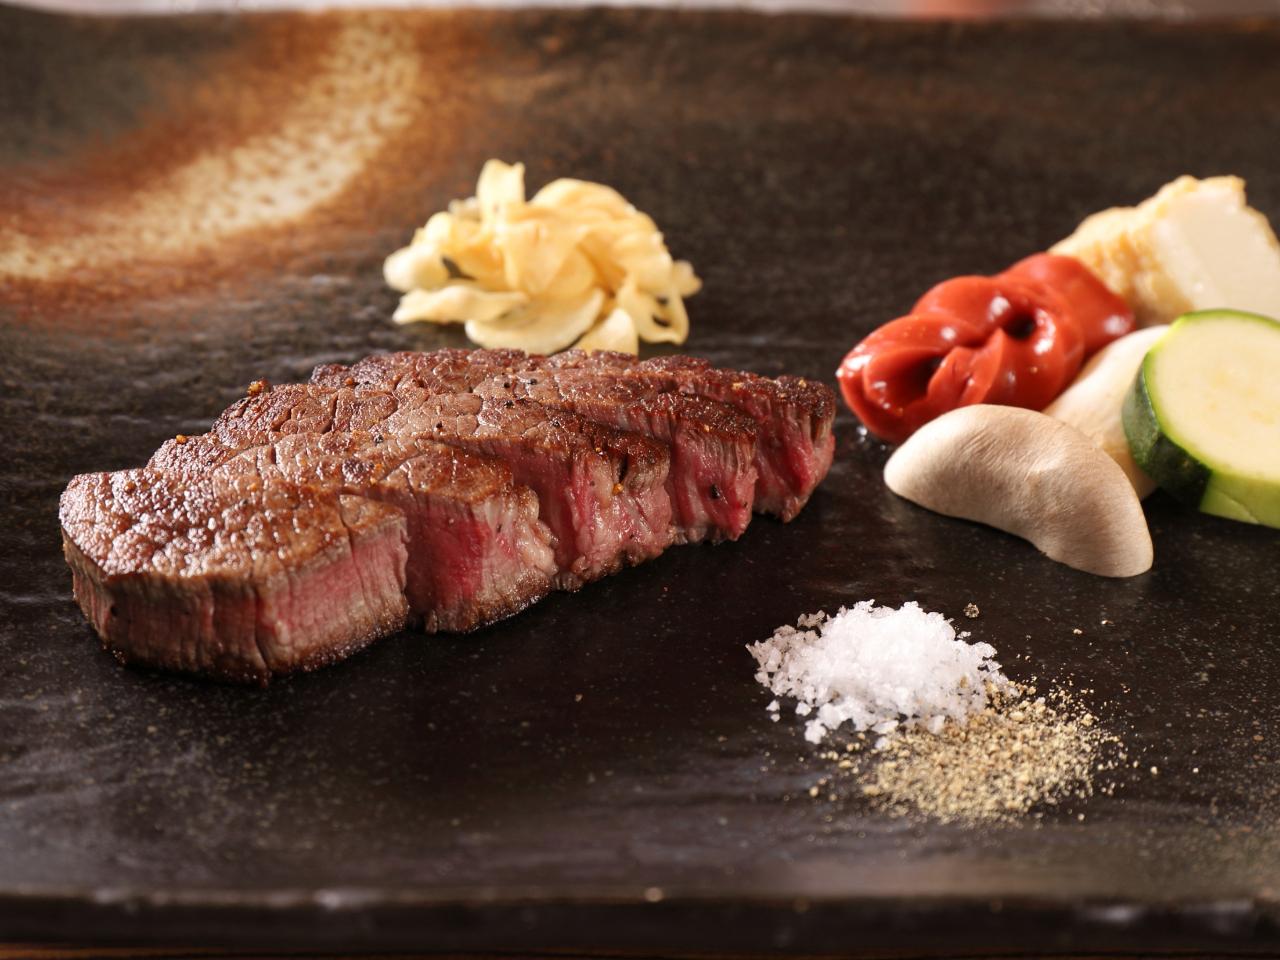 【ステーキ割烹の日帰りAランチ】国産牛フィレステーキ100gメイン!全6品の贅沢...